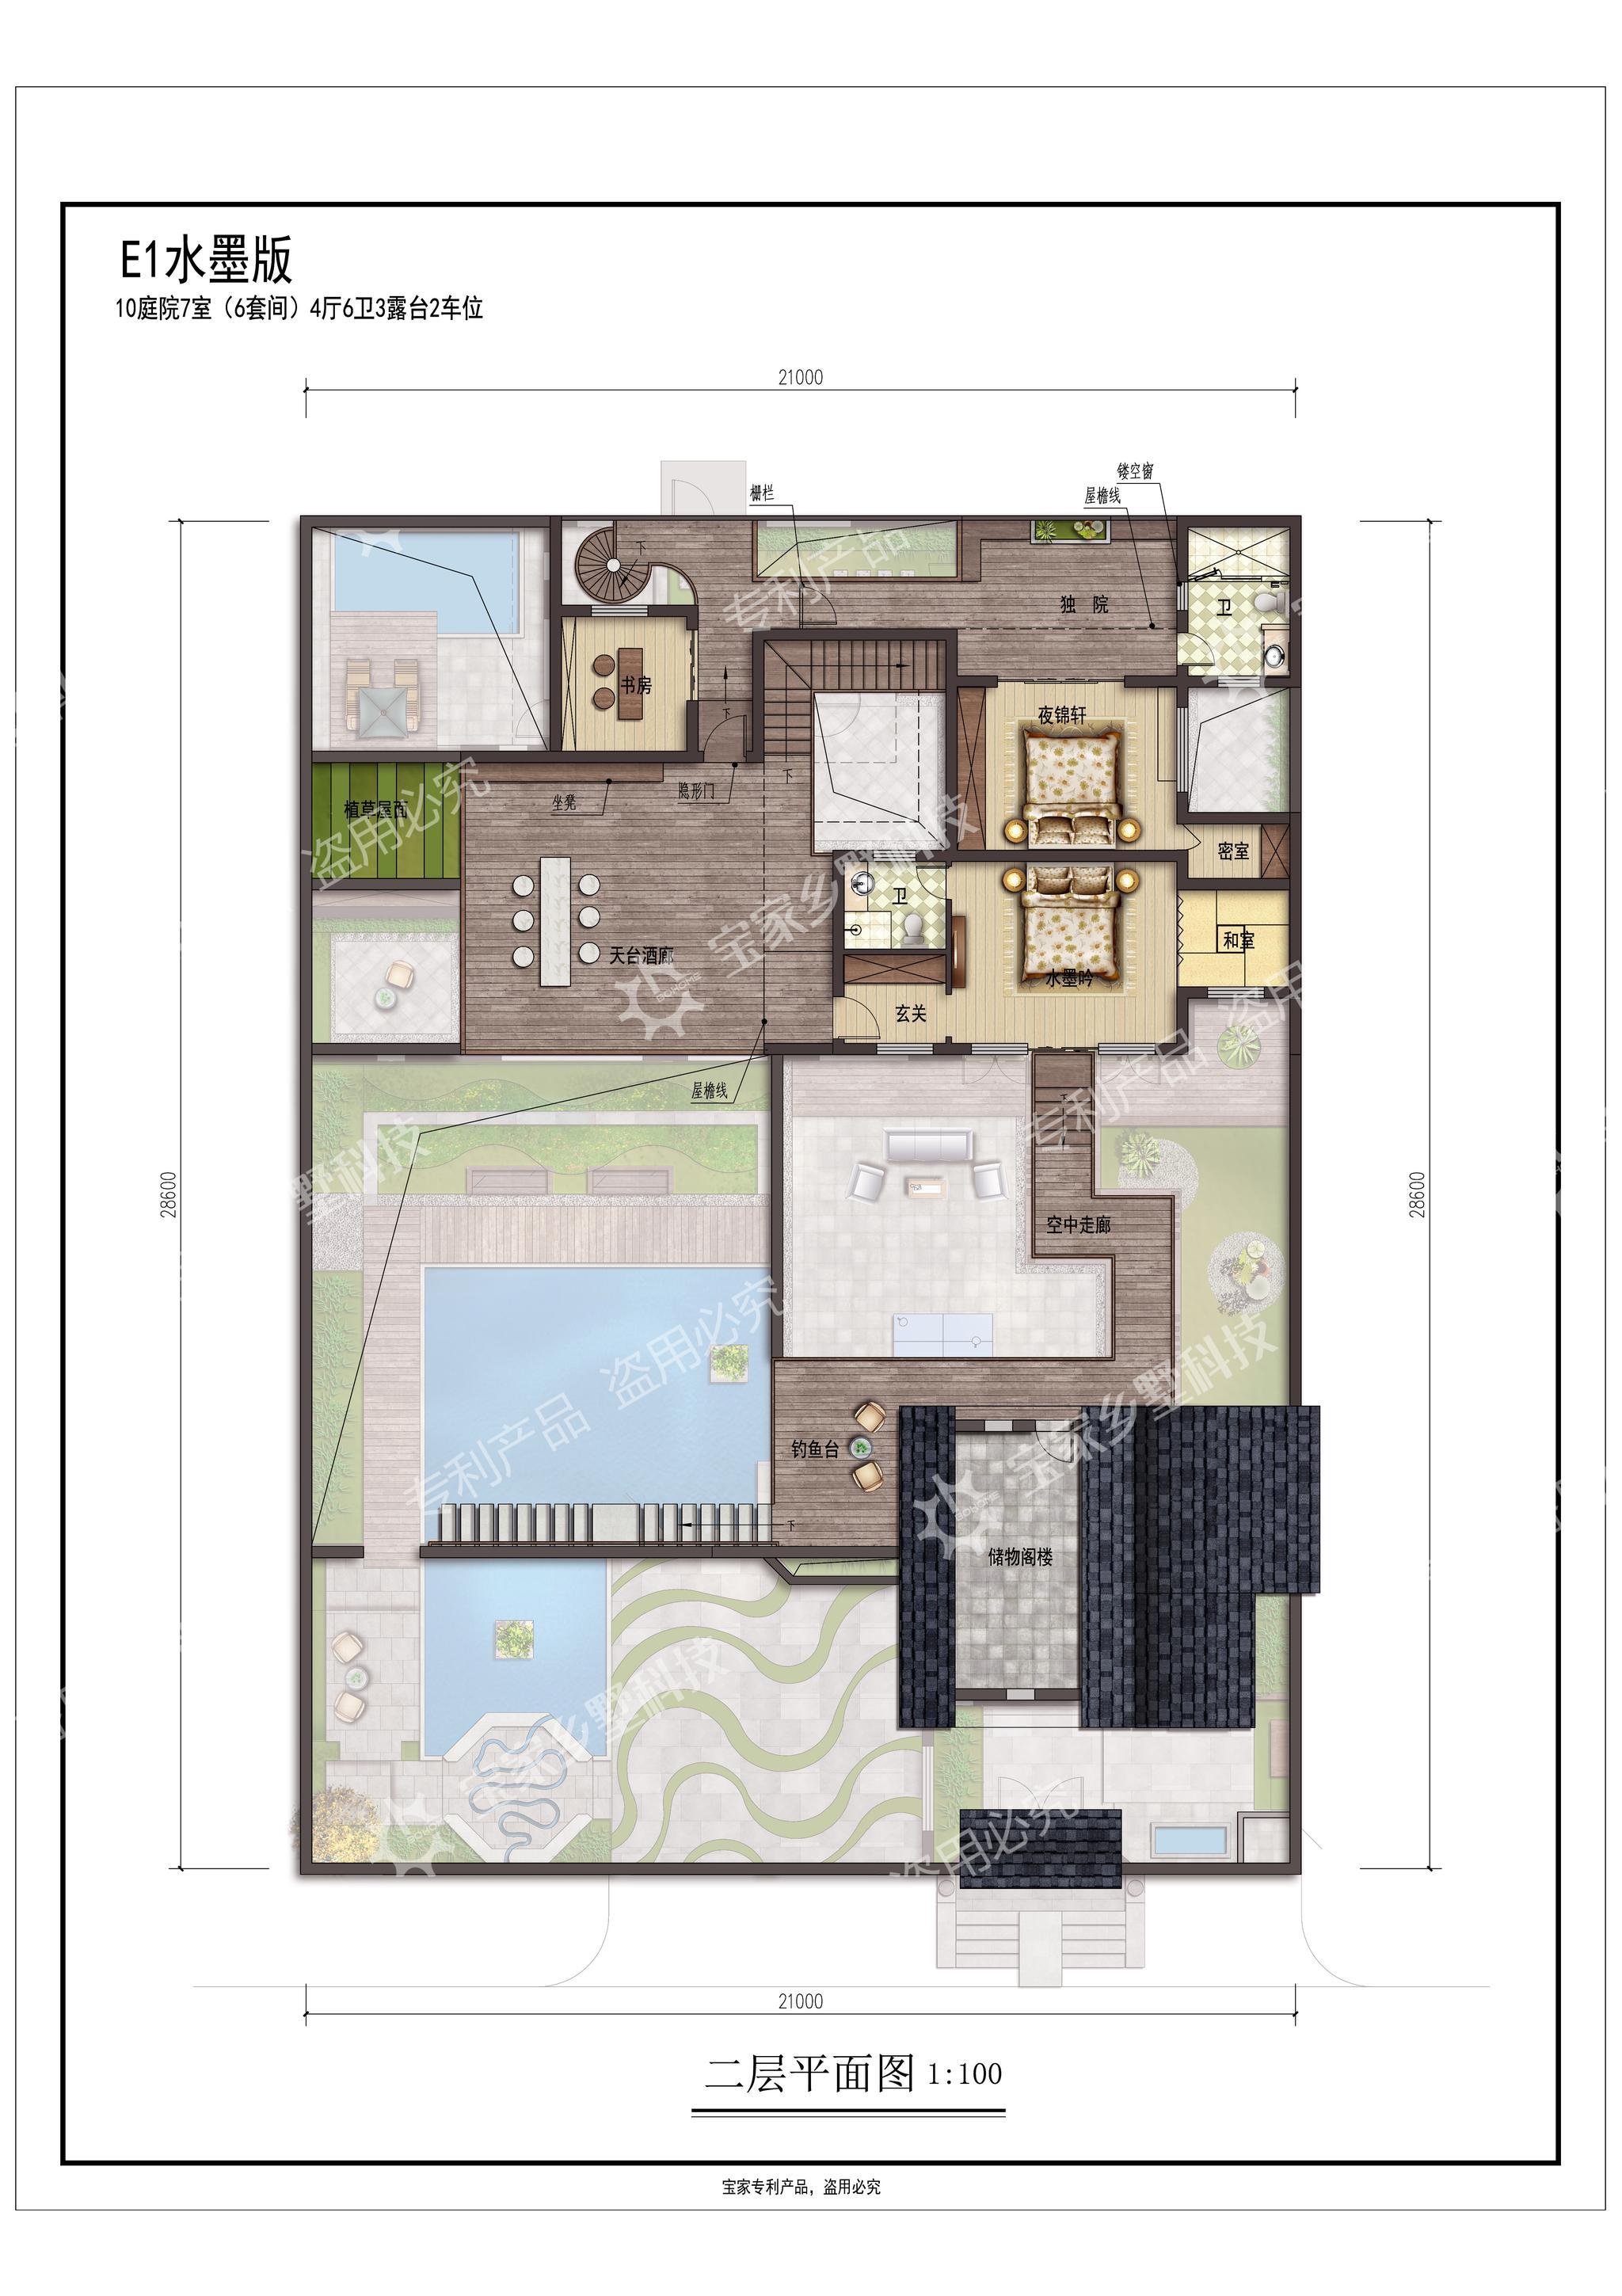 农村建房不可错过的别墅图纸:最后一款美出天际,是人生终极理想